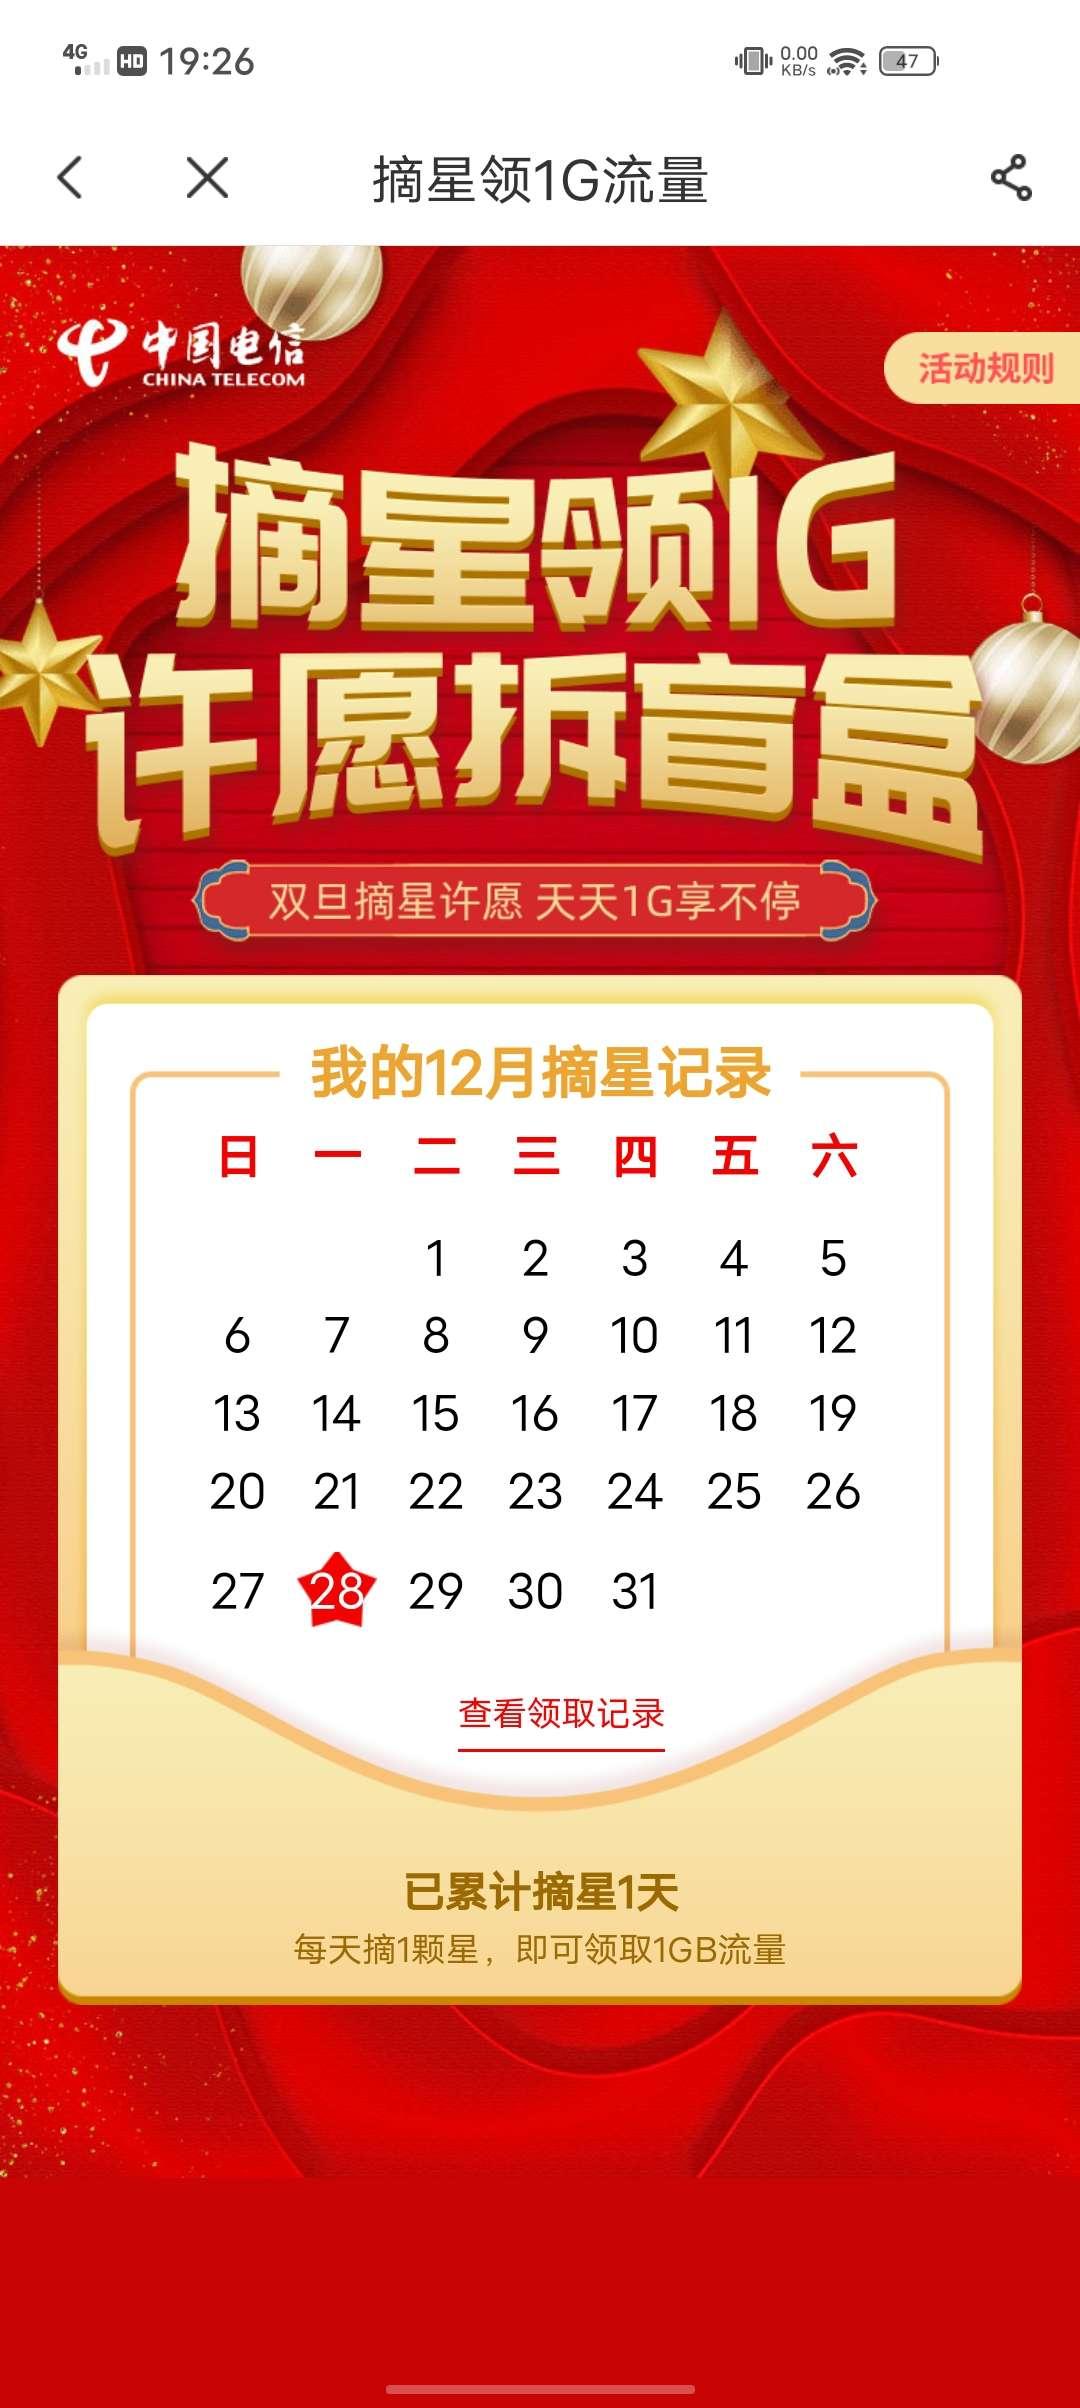 图片[1]-广东电信可领18G流量-老友薅羊毛活动线报网